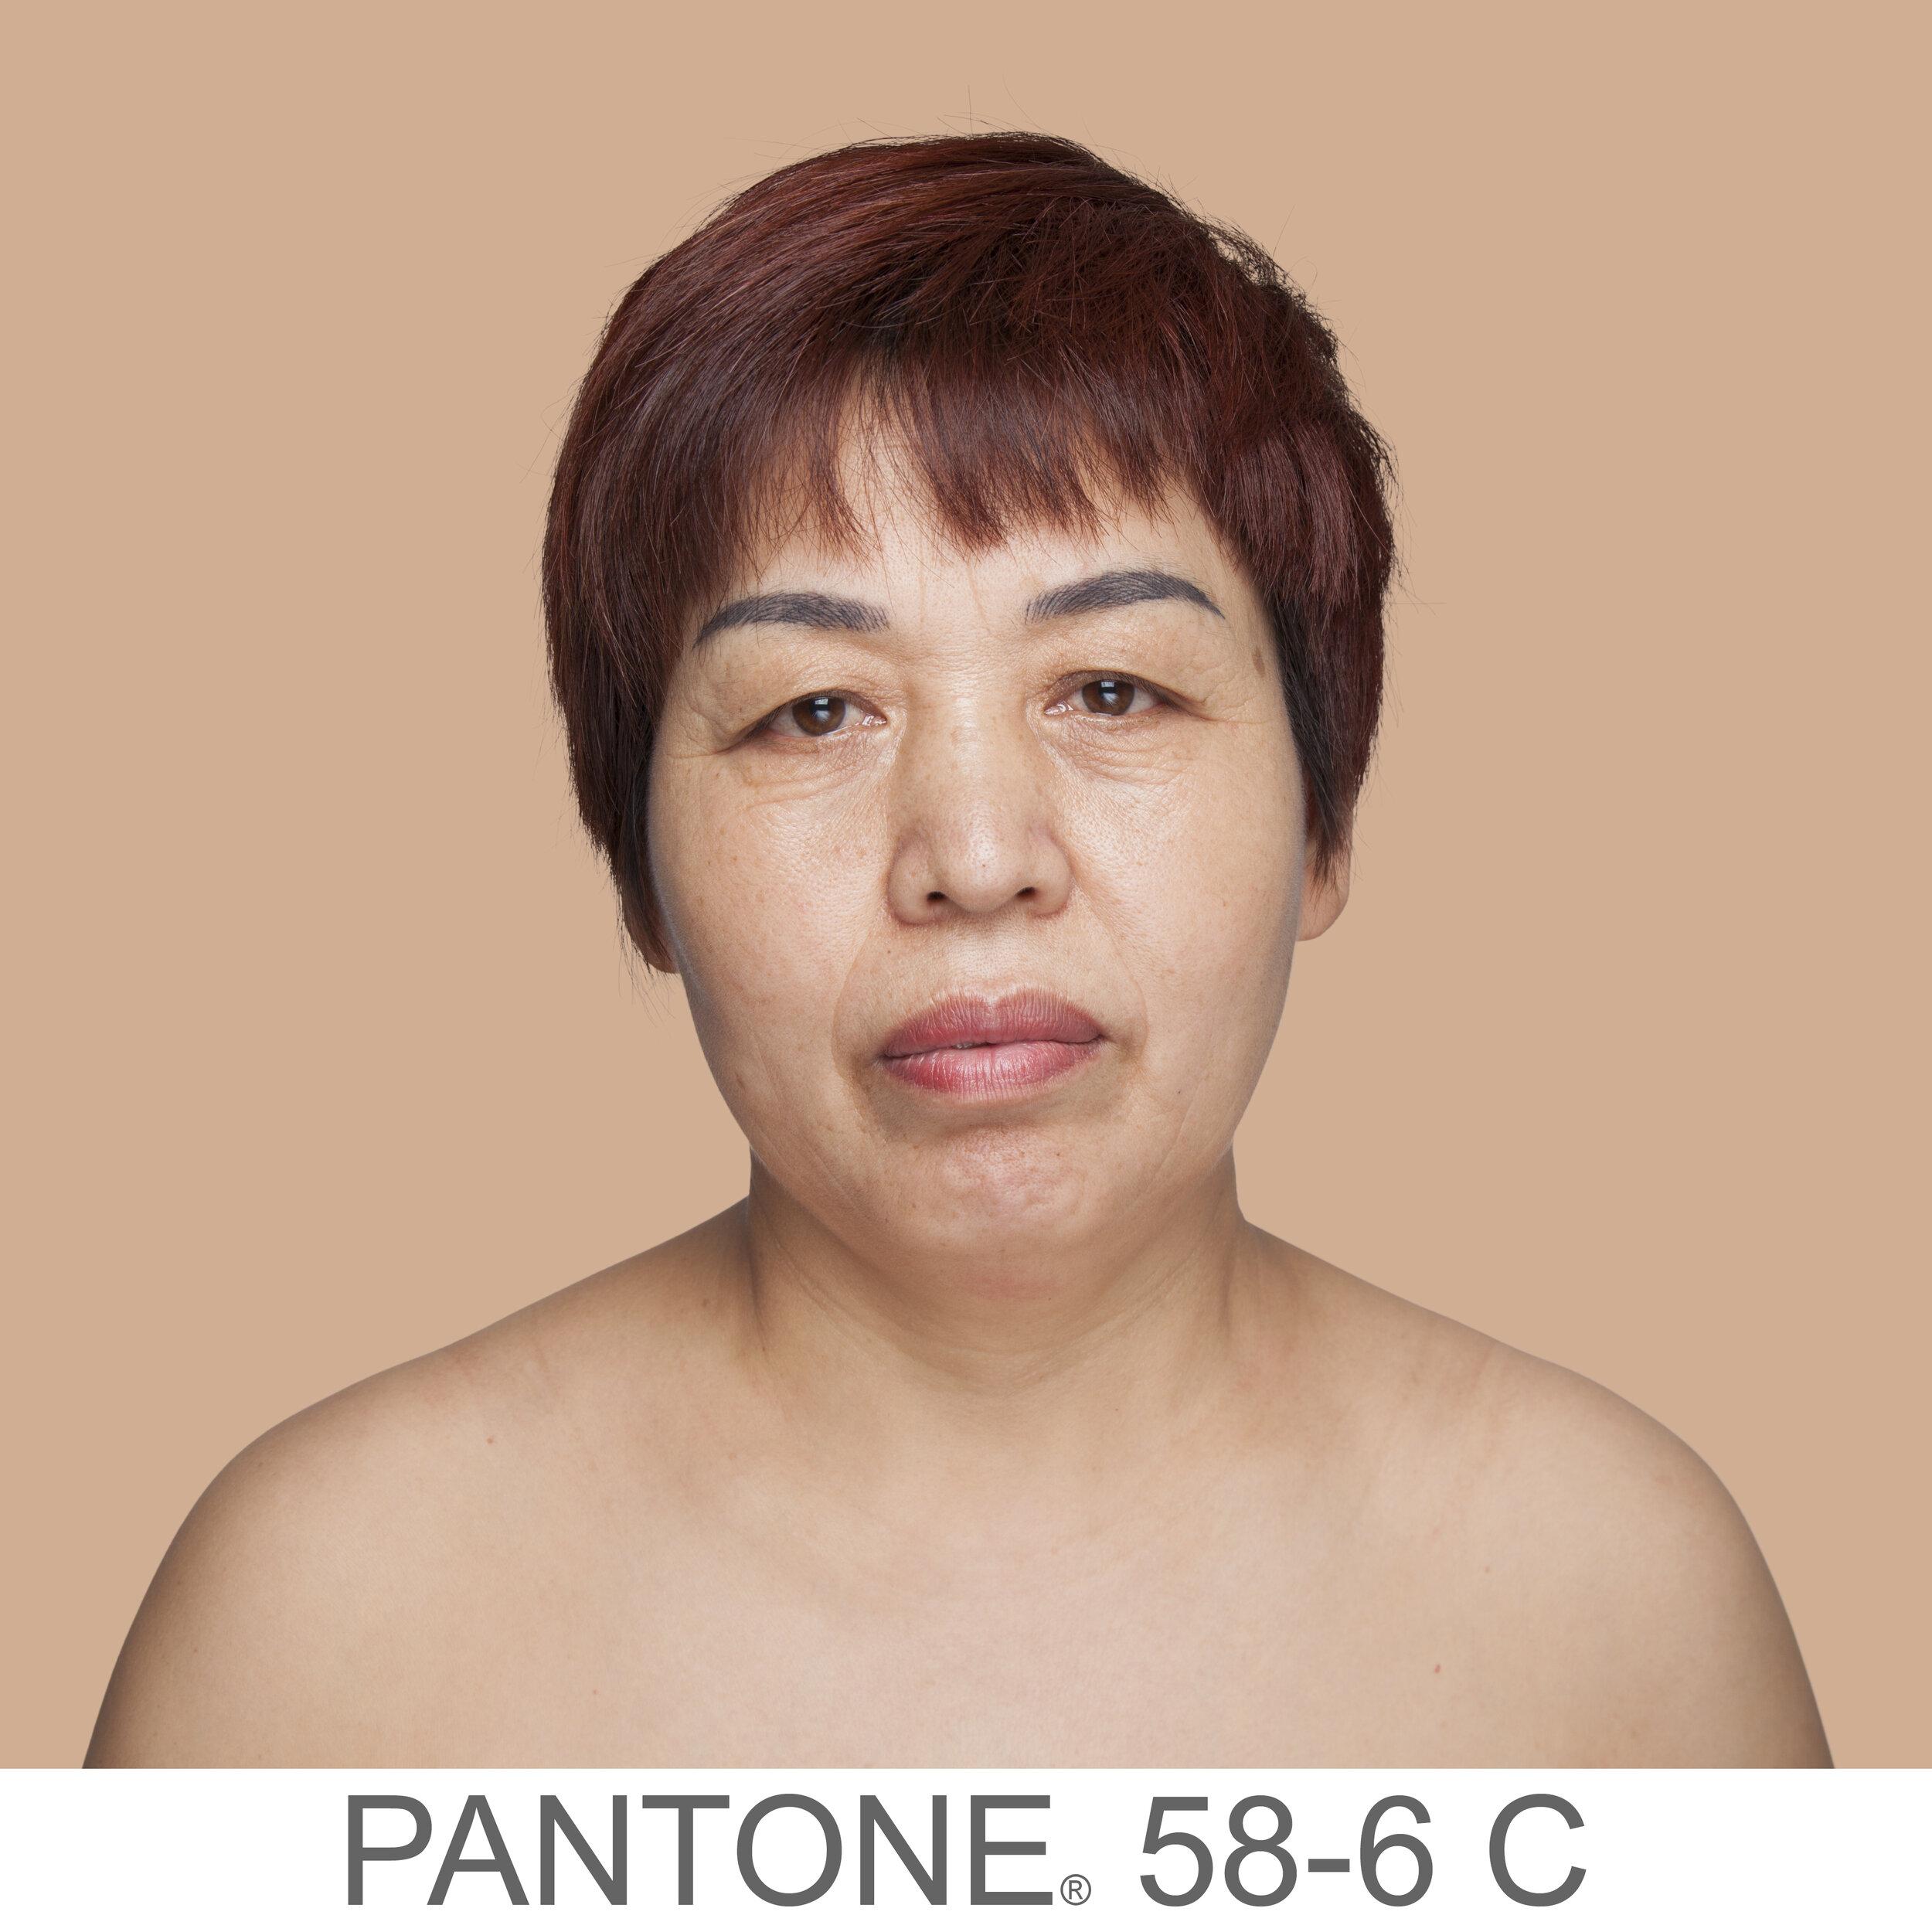 humanae 58-6 C CN copia.jpg